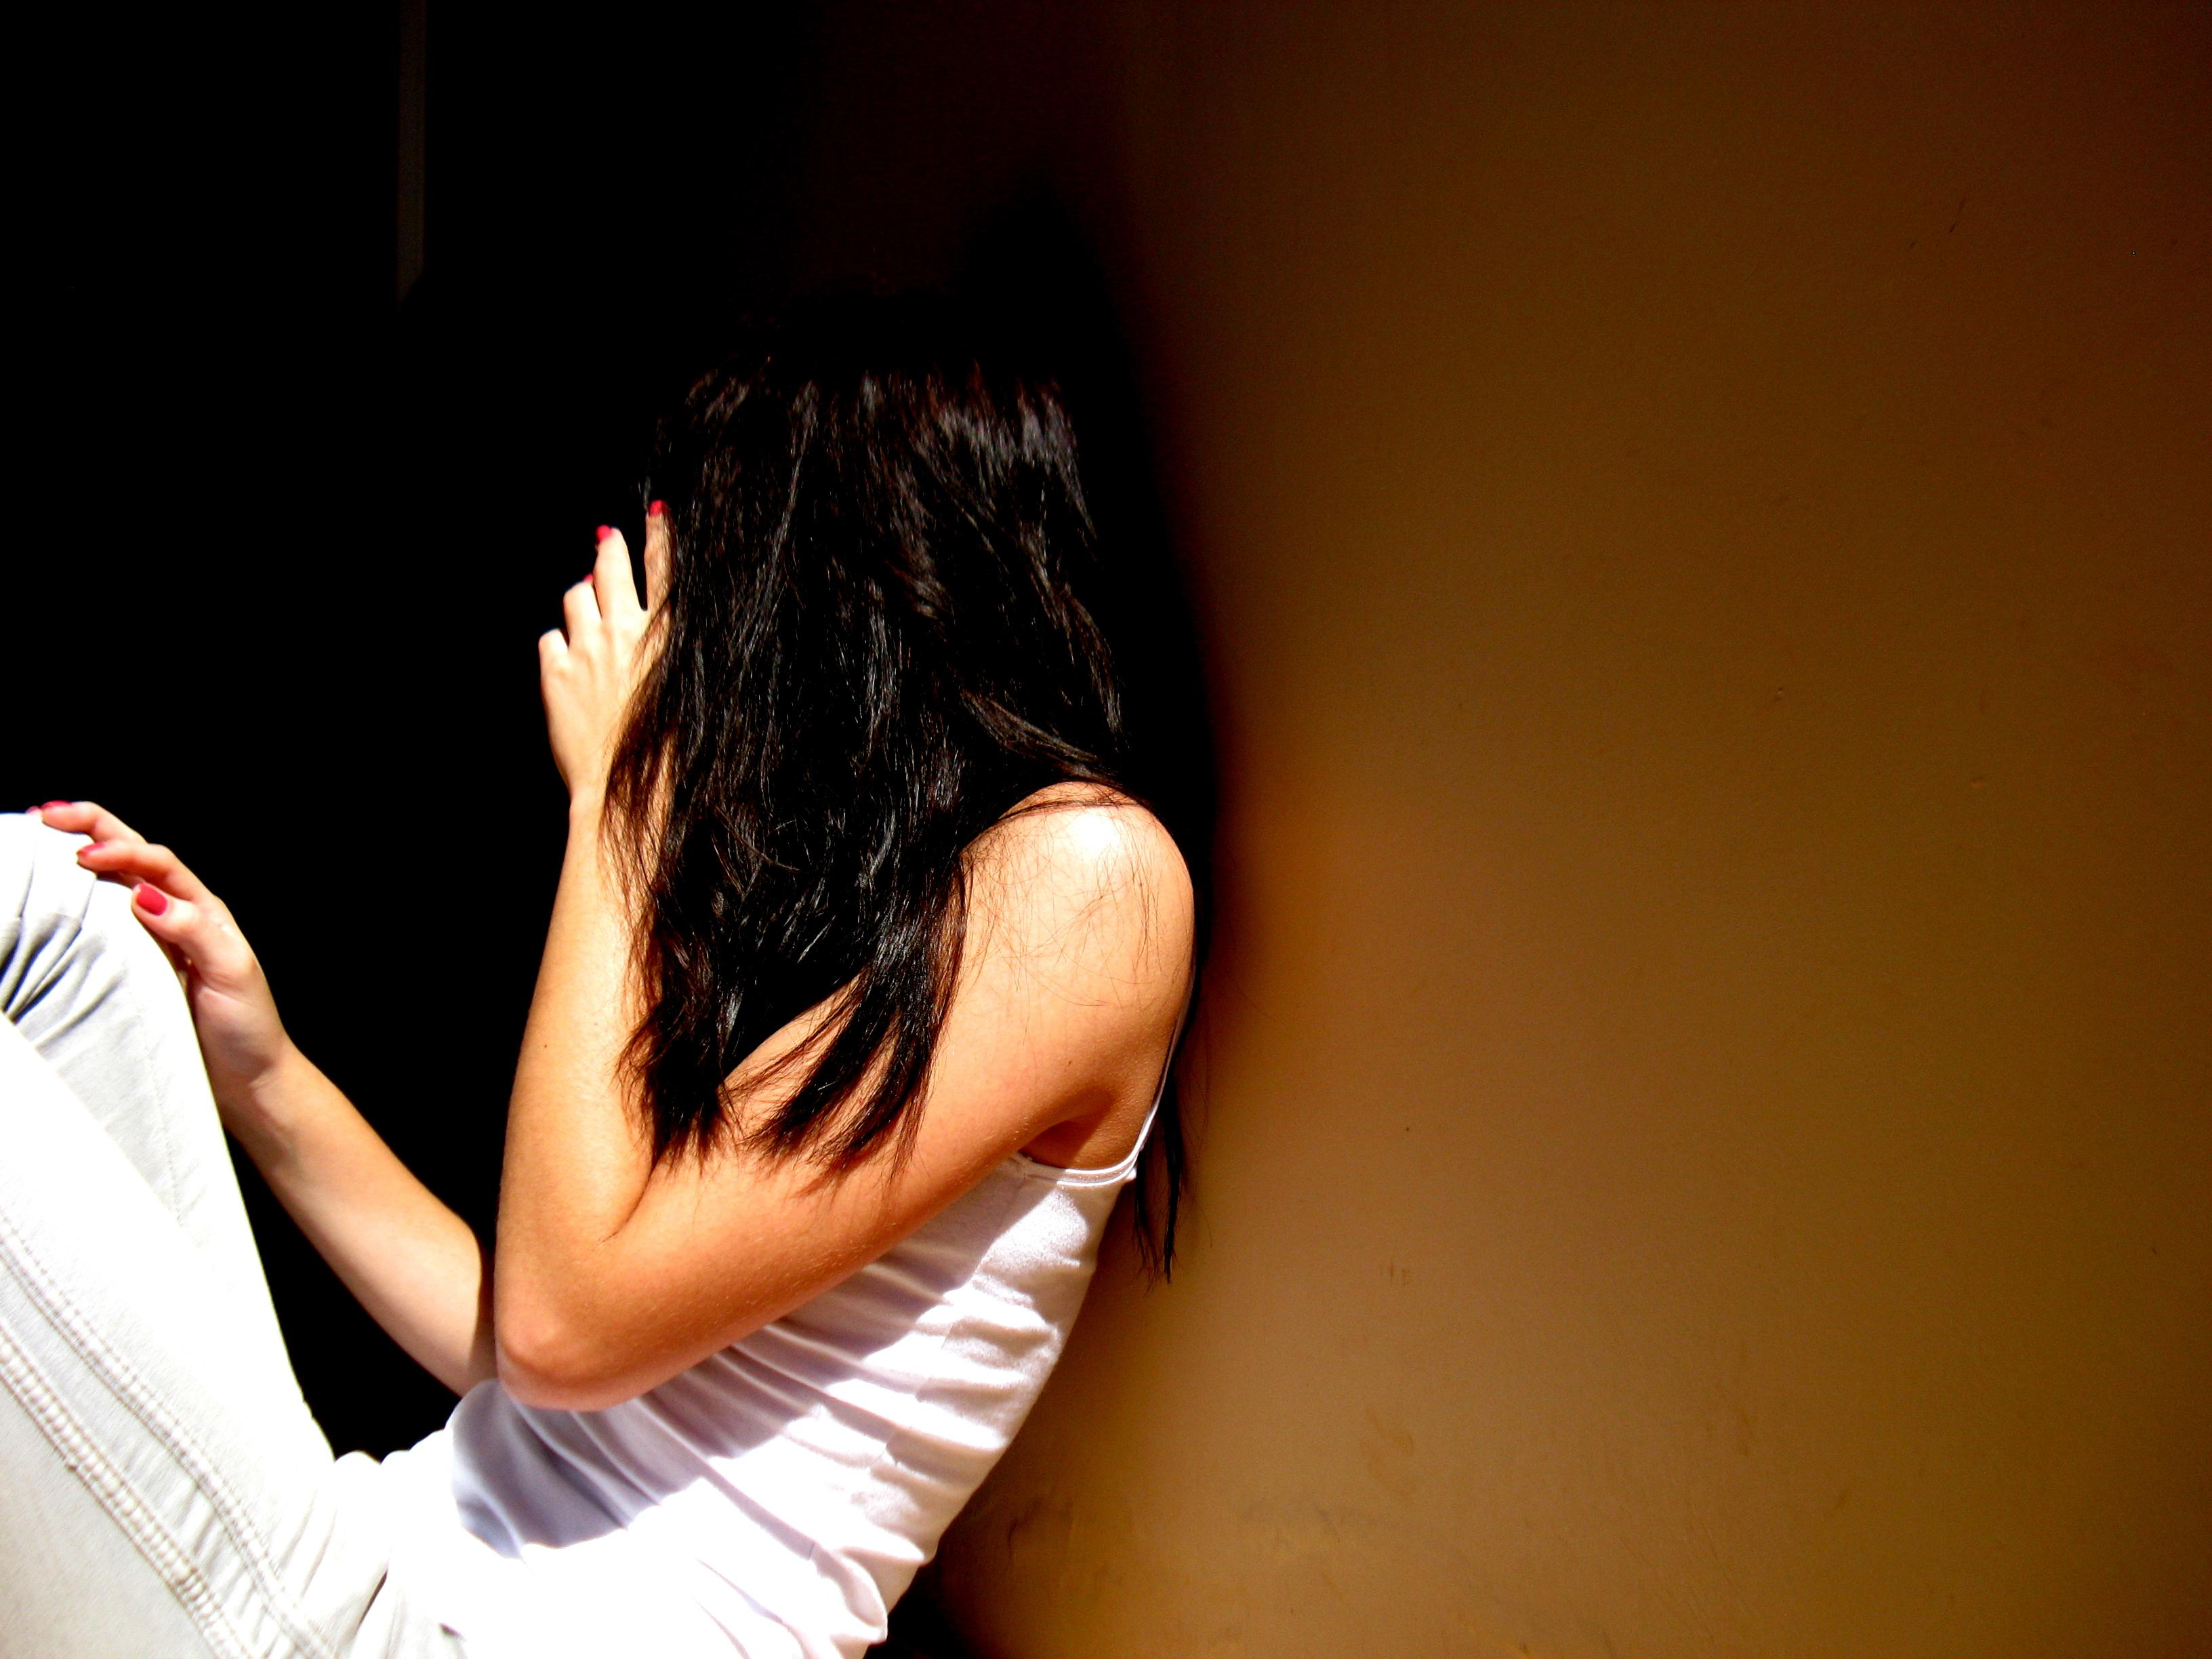 Как убедить девушку вернуть отношения